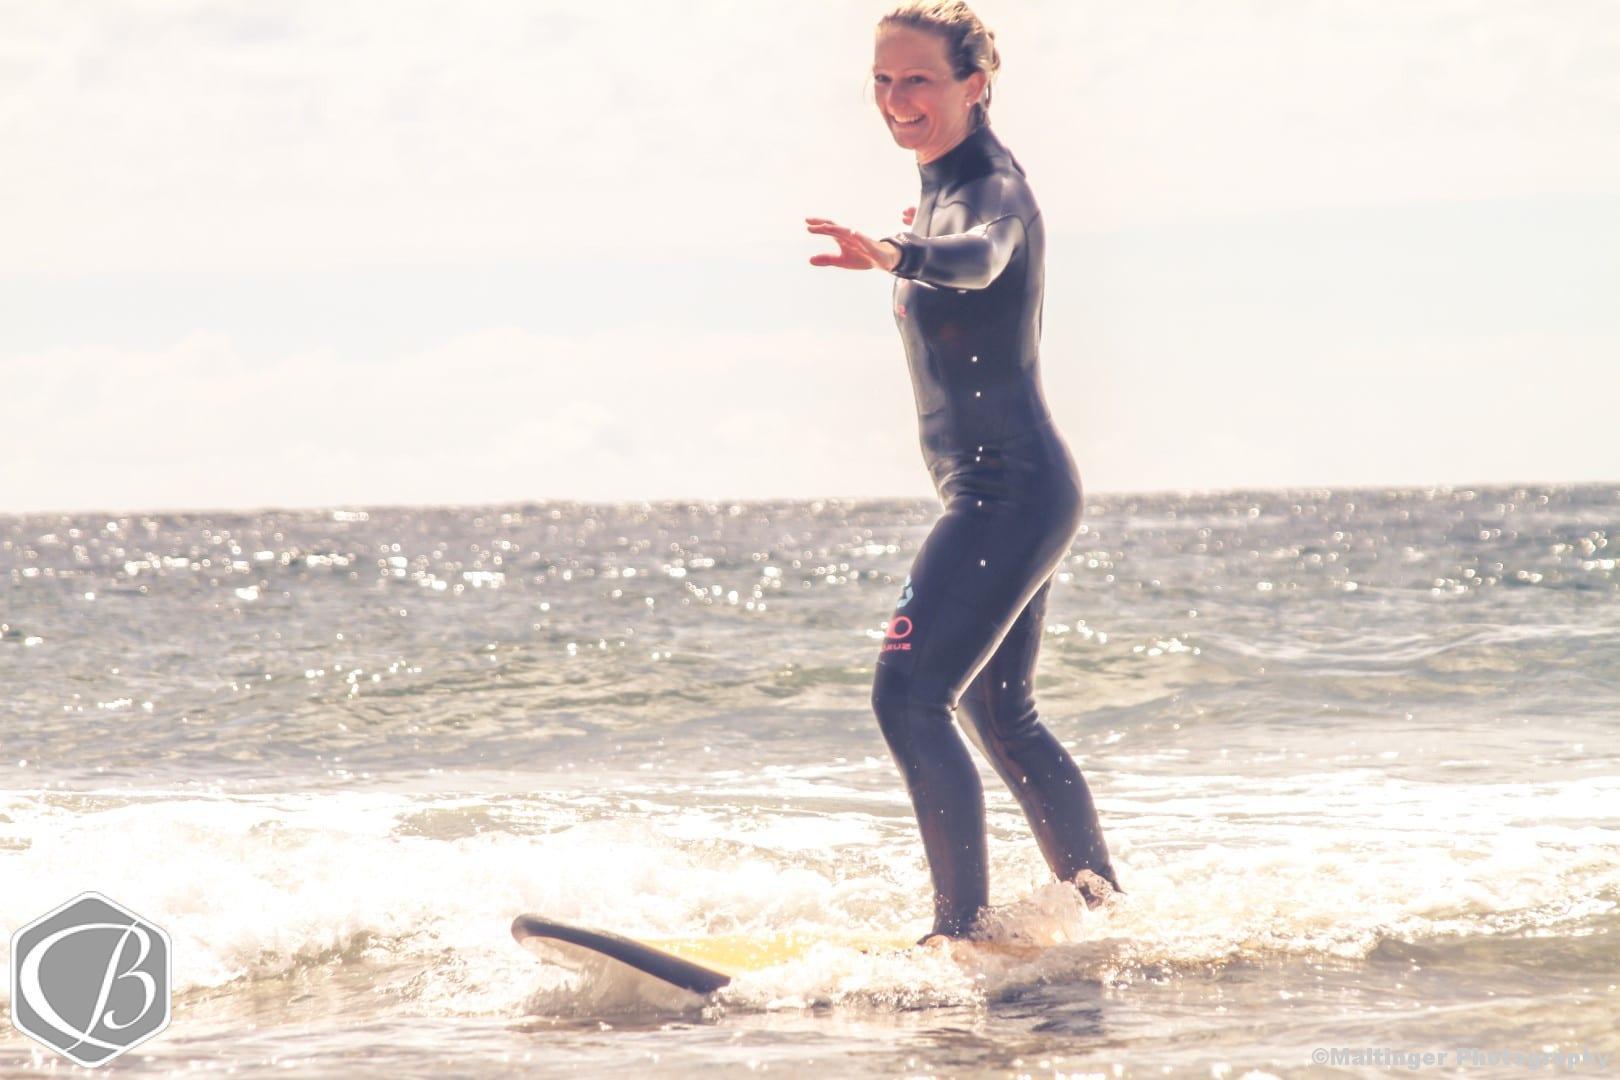 Portugal Moledo Fitnessreise Sufen Wellenreiten Meer Sonne